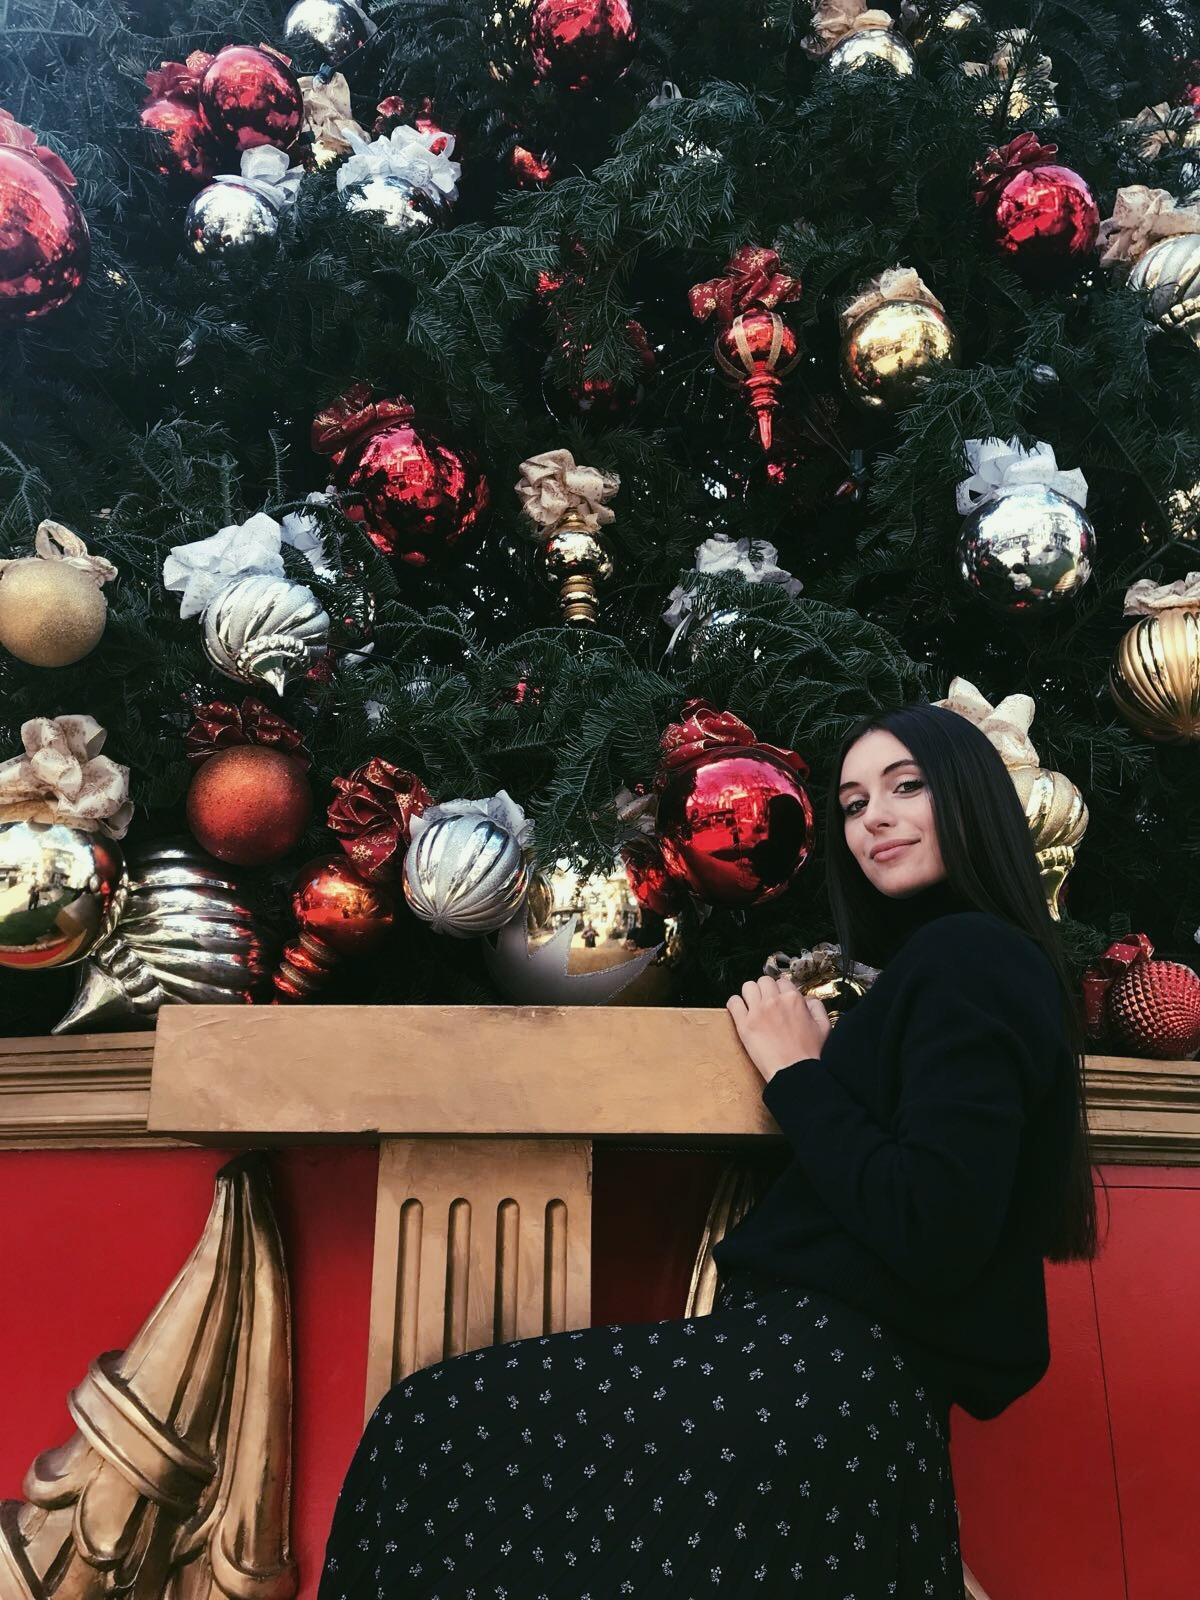 Marta Pozzan at The Grove - Holidays 2018.